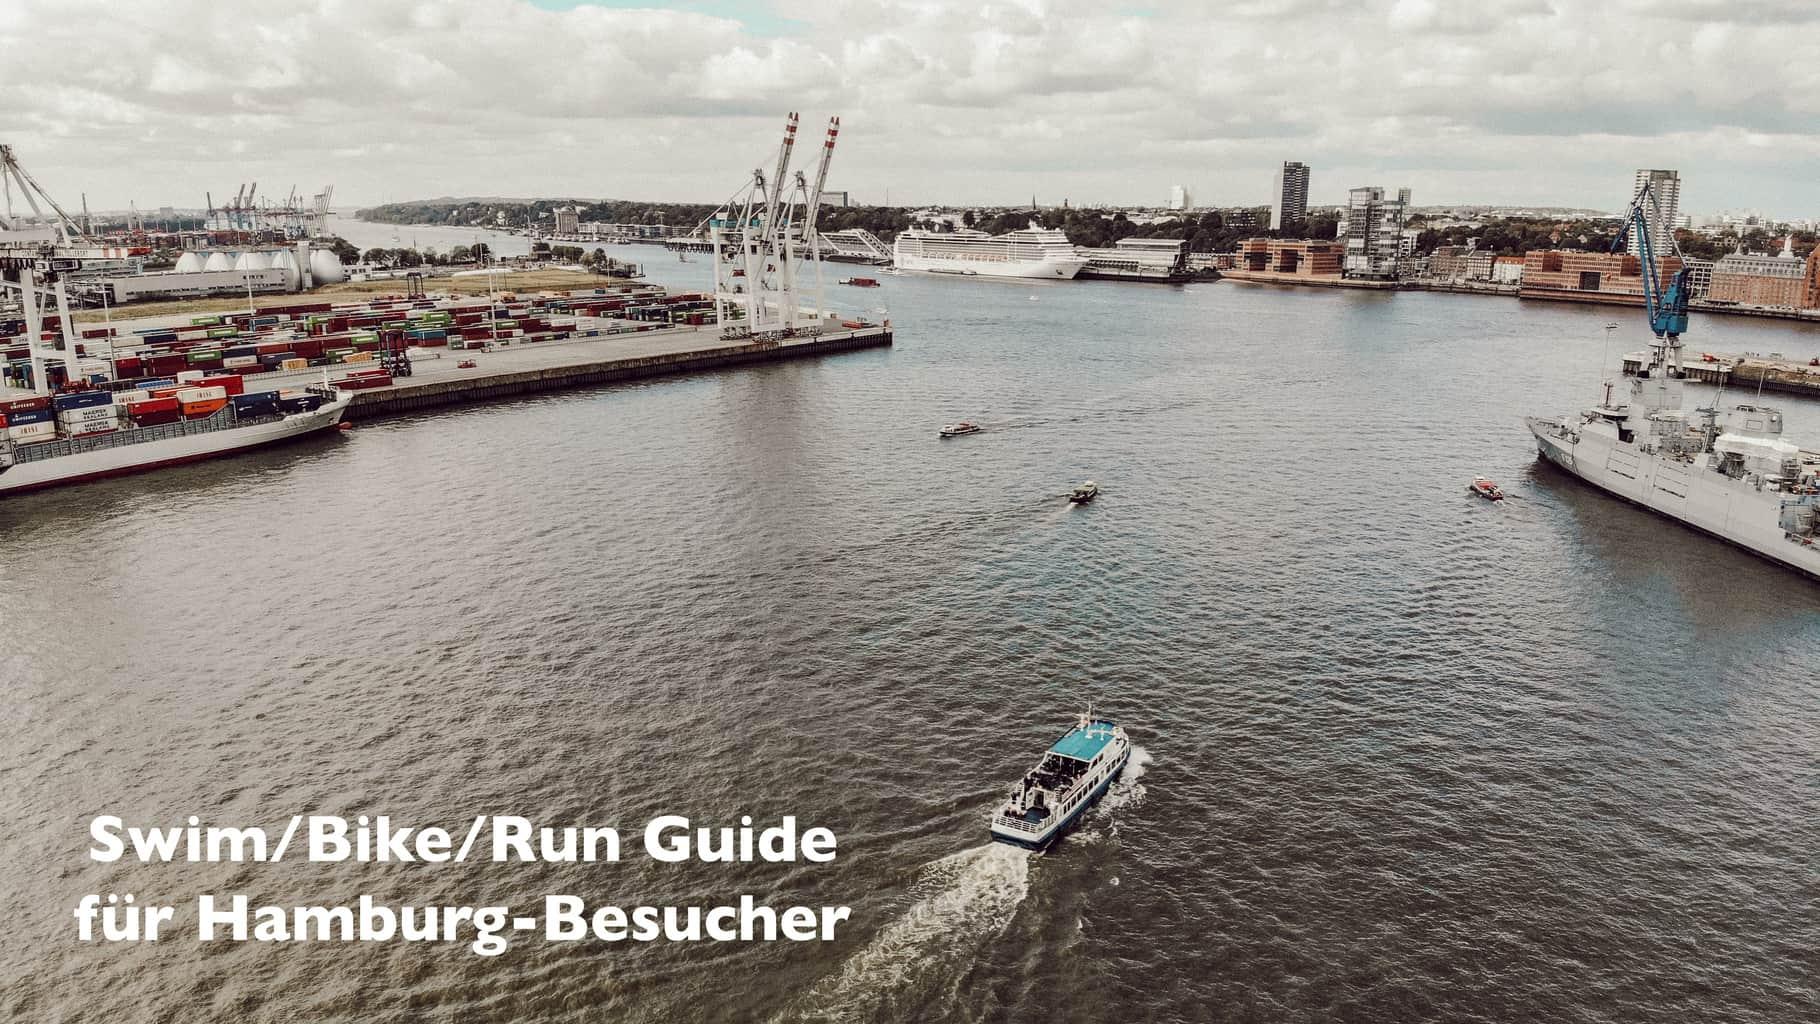 [Tipps] SWIM/BIKE/RUN Guide für Hamburg-Besucher